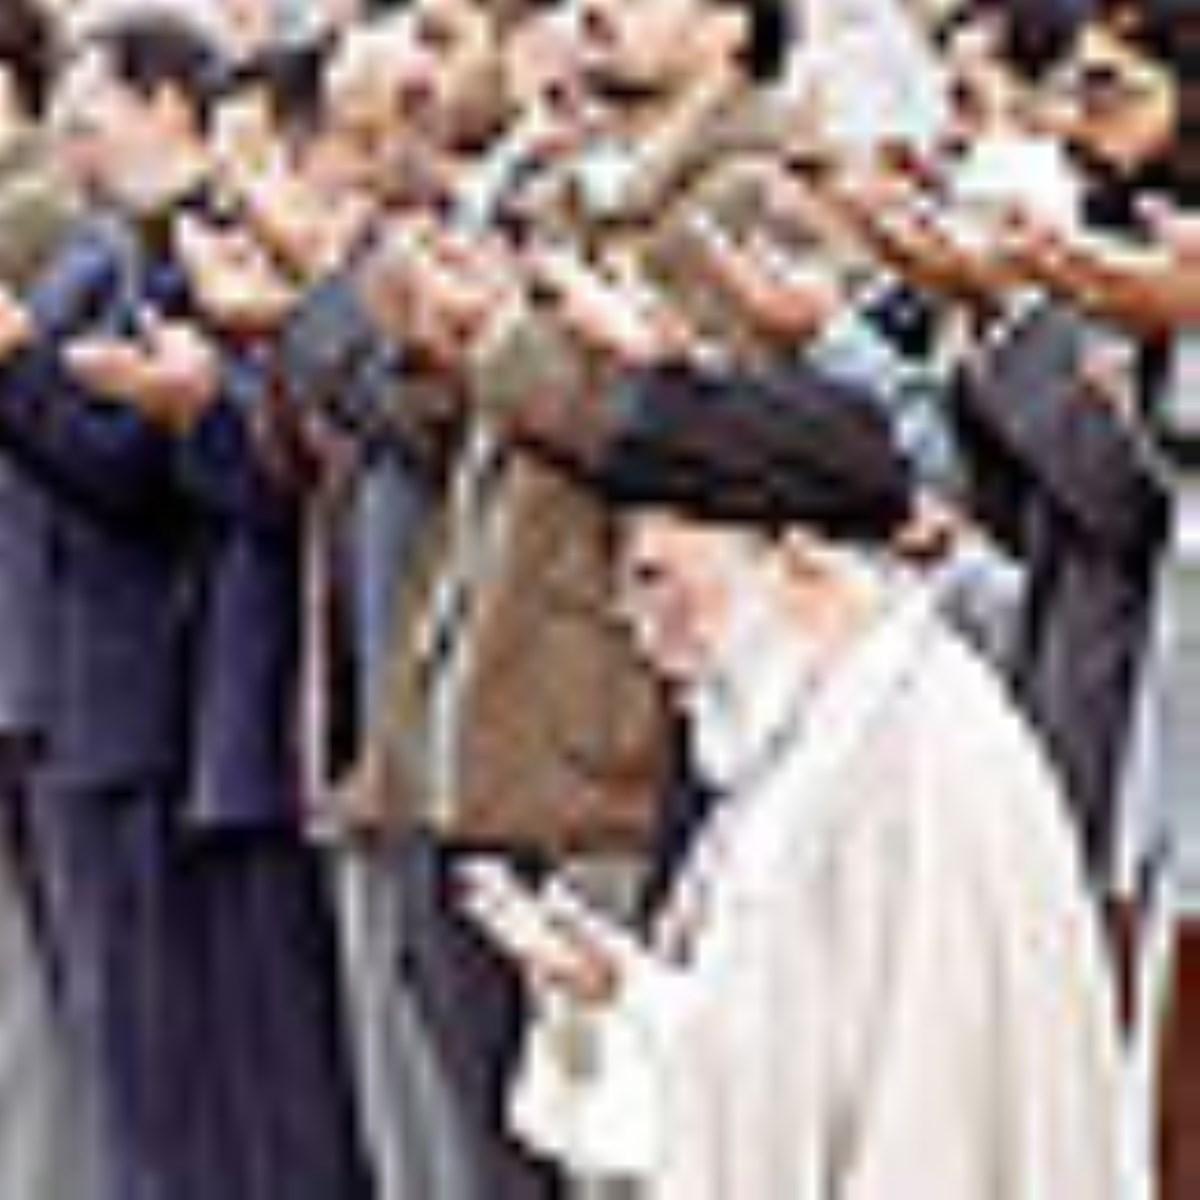 نماز وسيله محو گناهان